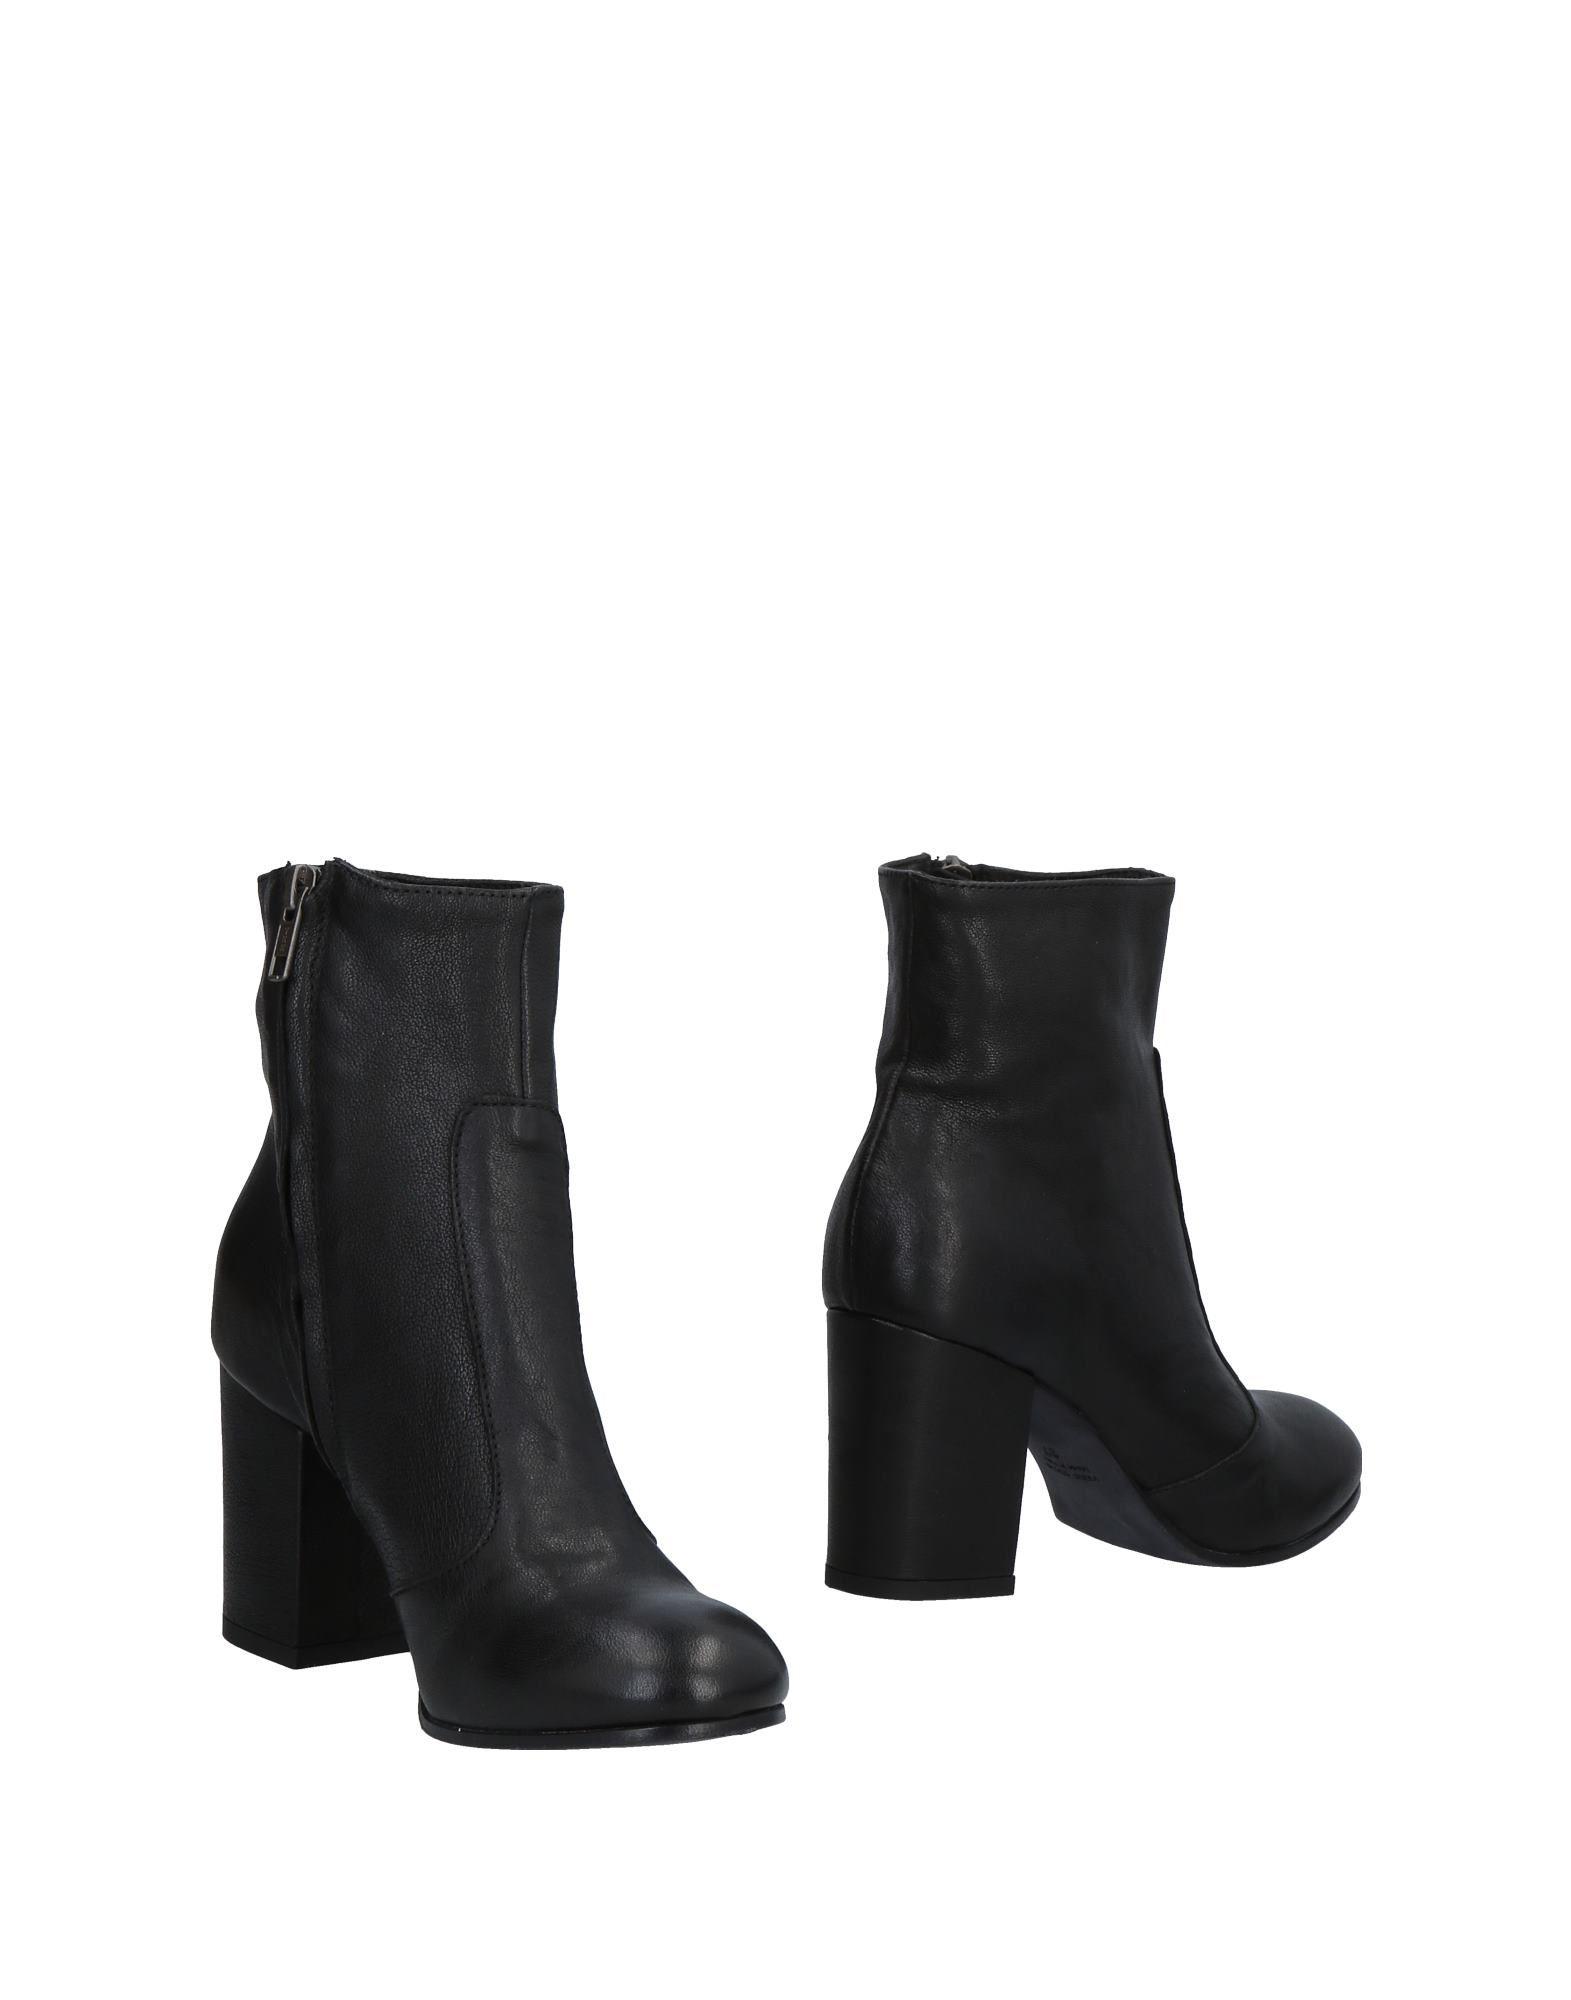 Shoe Bar Stiefelette Damen  11486941OMGut aussehende strapazierfähige Schuhe